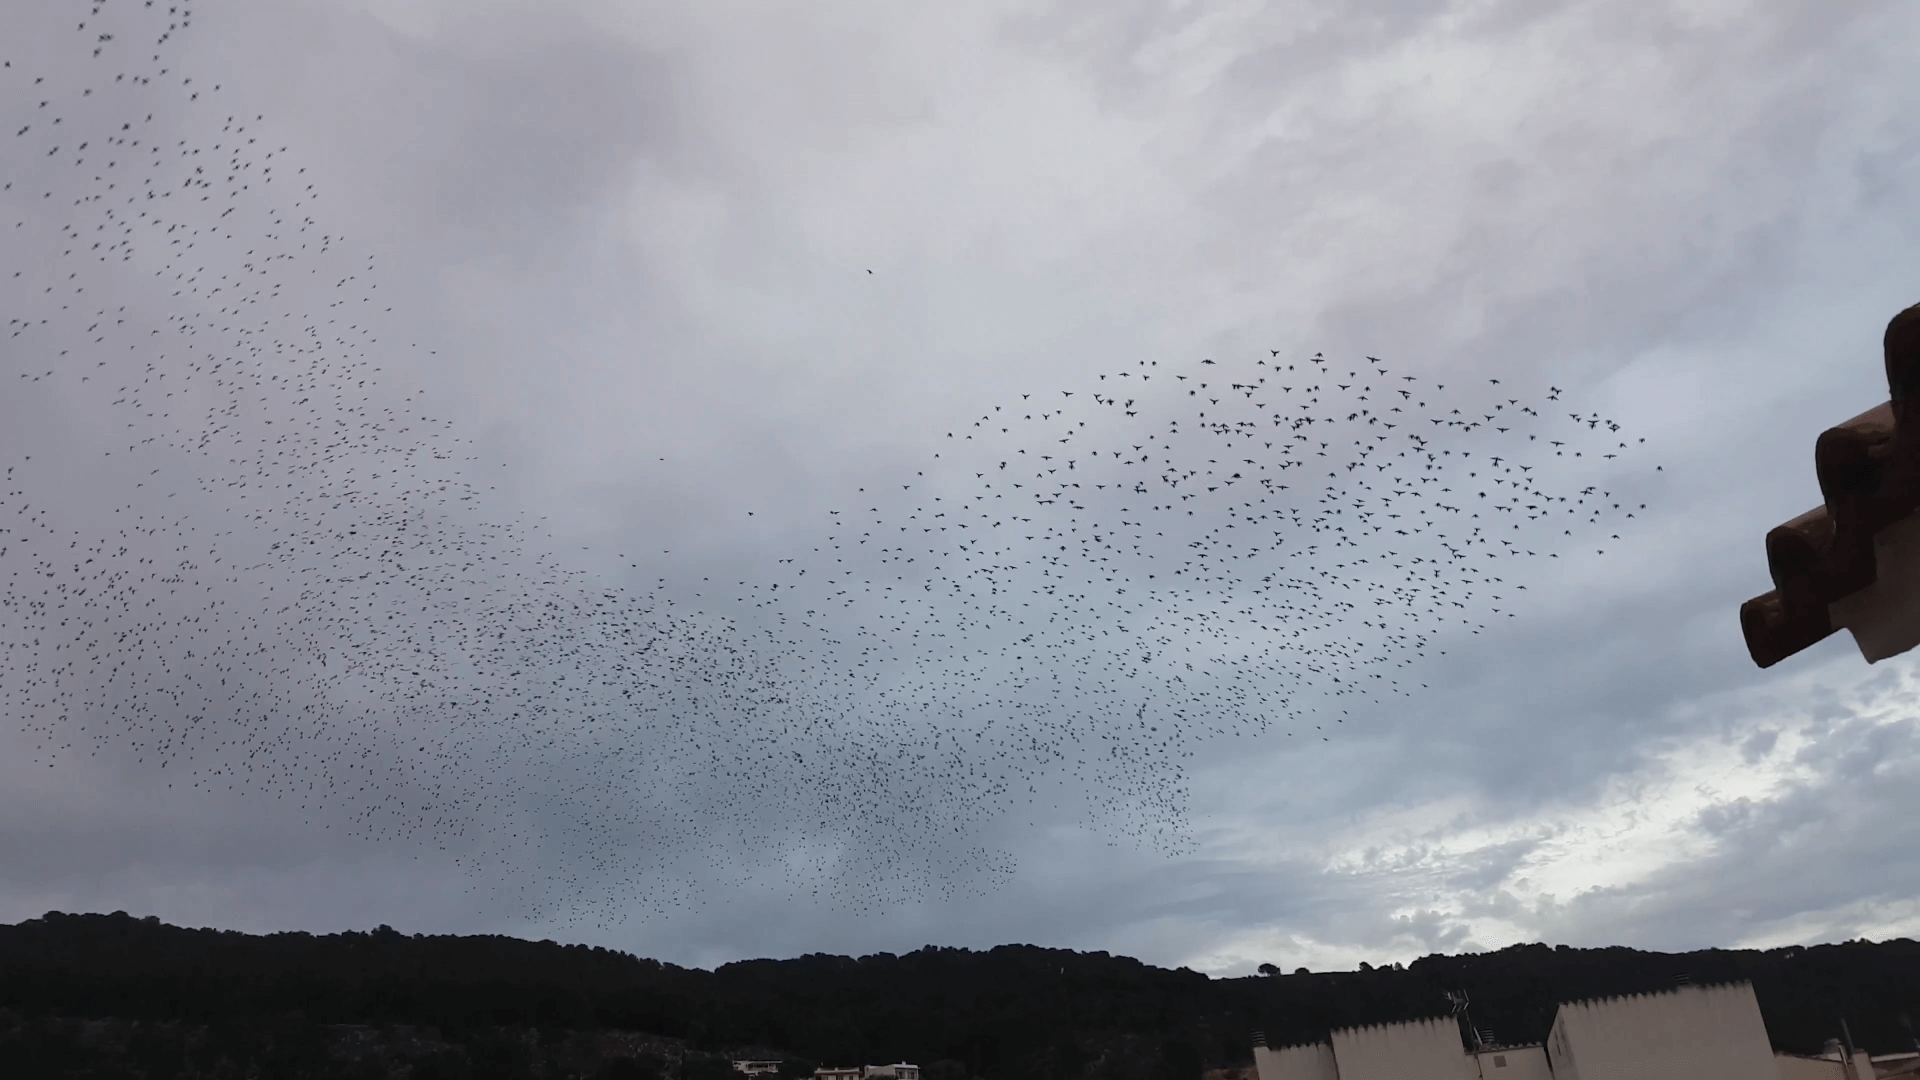 Crazy birds!